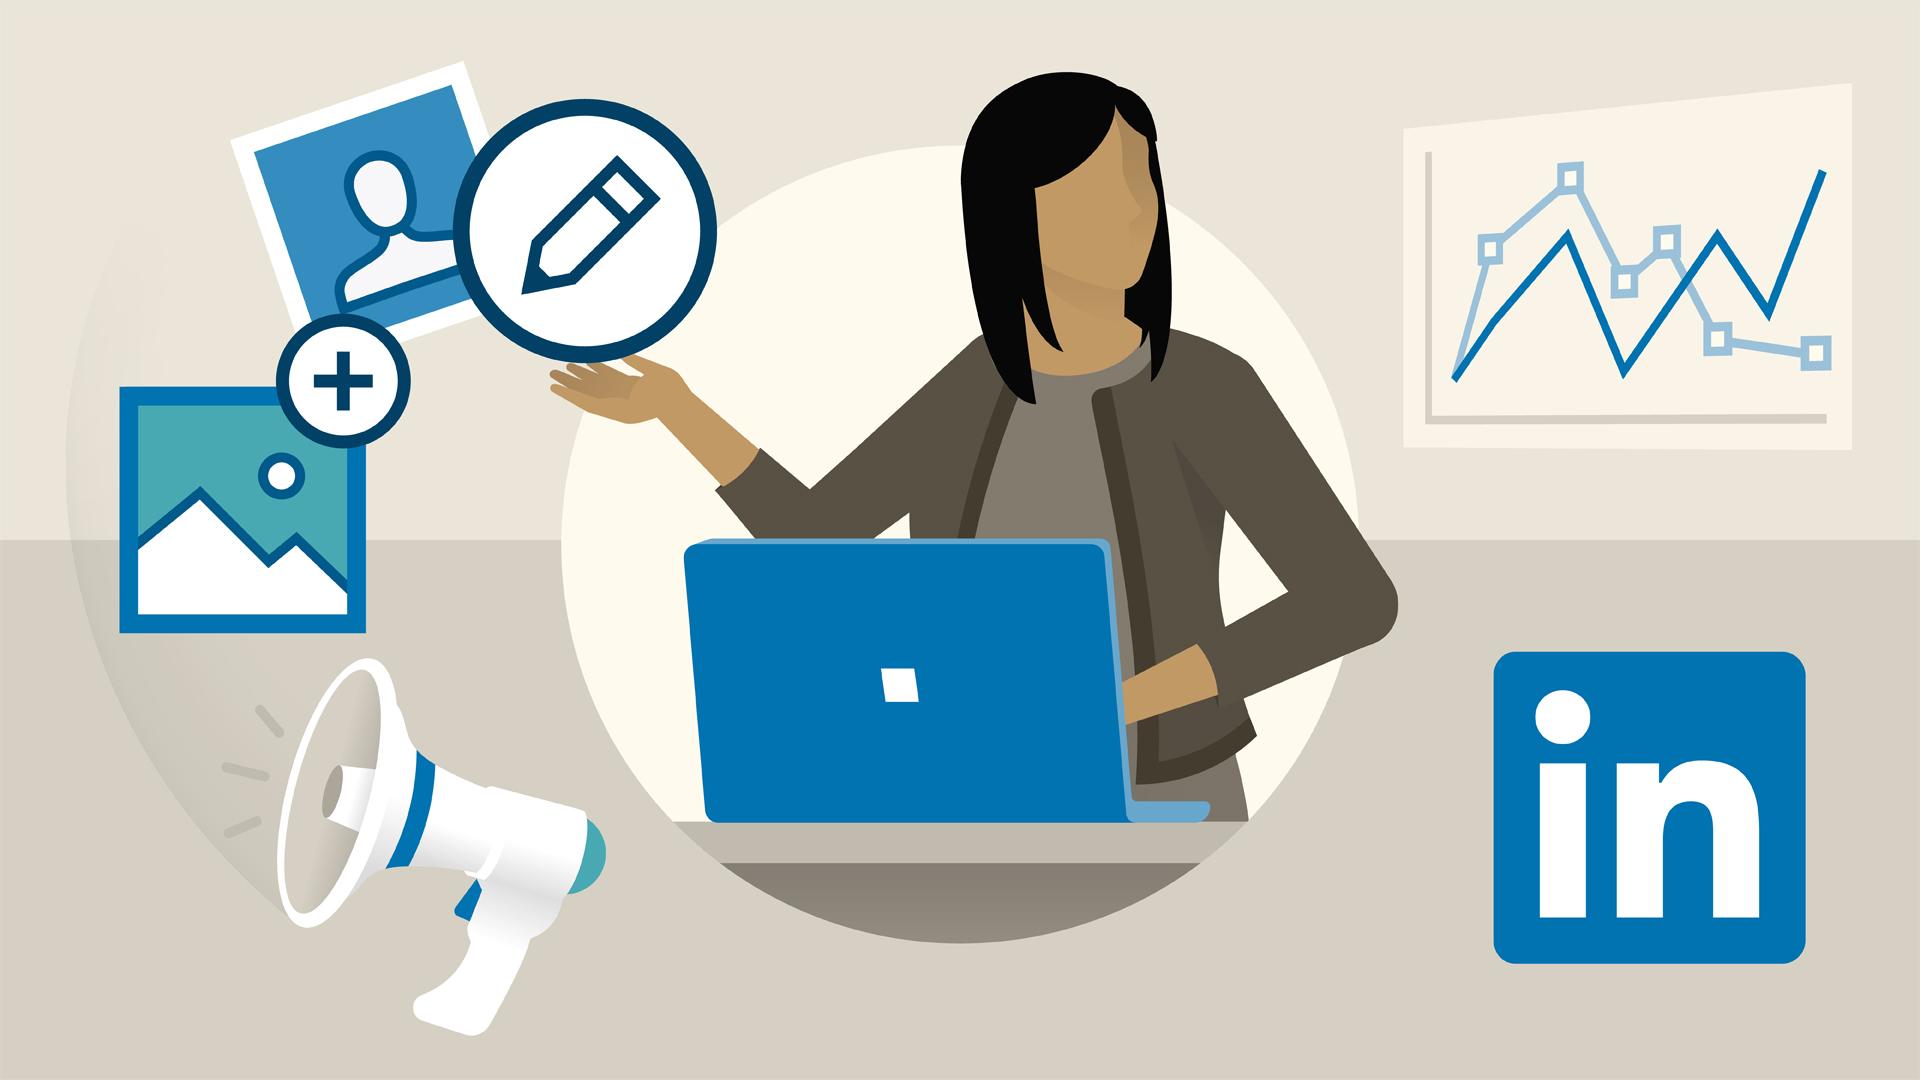 Linkedin marketing illustration marketing social media marketing